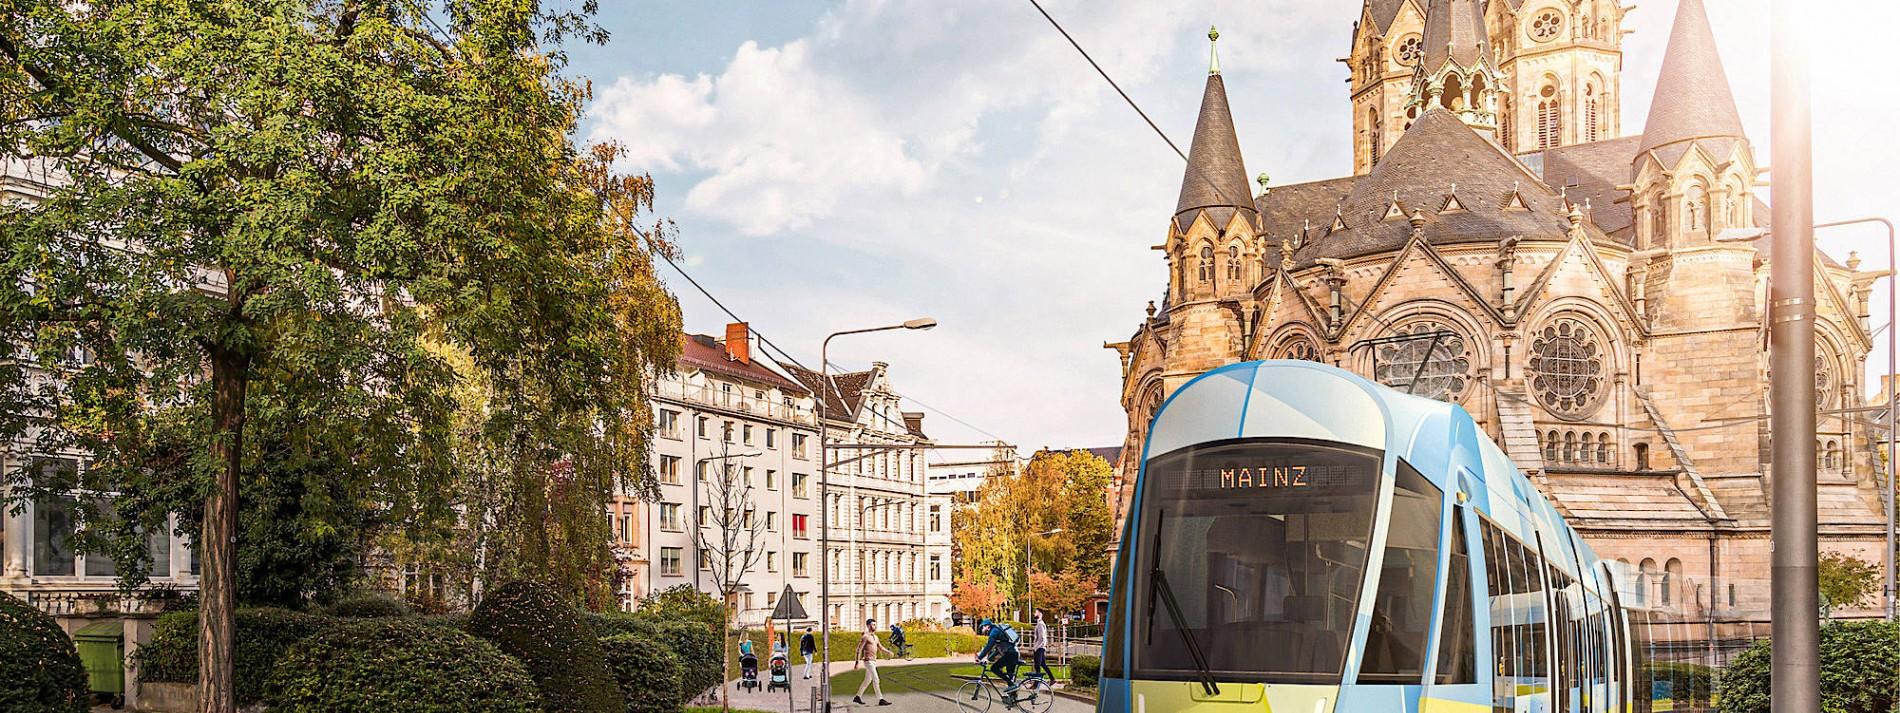 Termin für Abstimmung über Citybahn steht fest